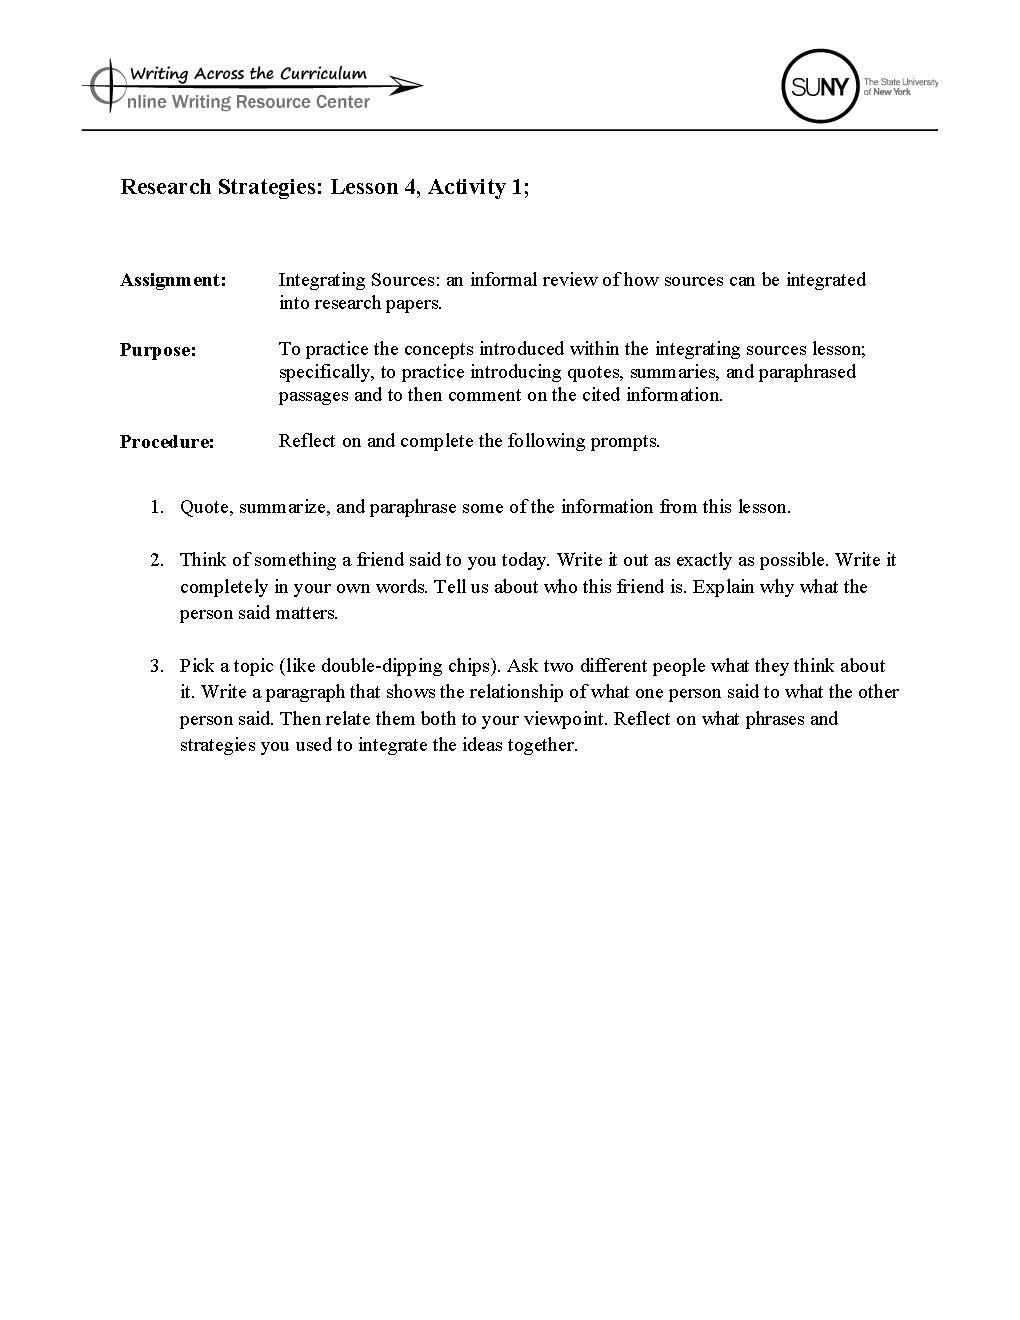 Tag: WAC strategies